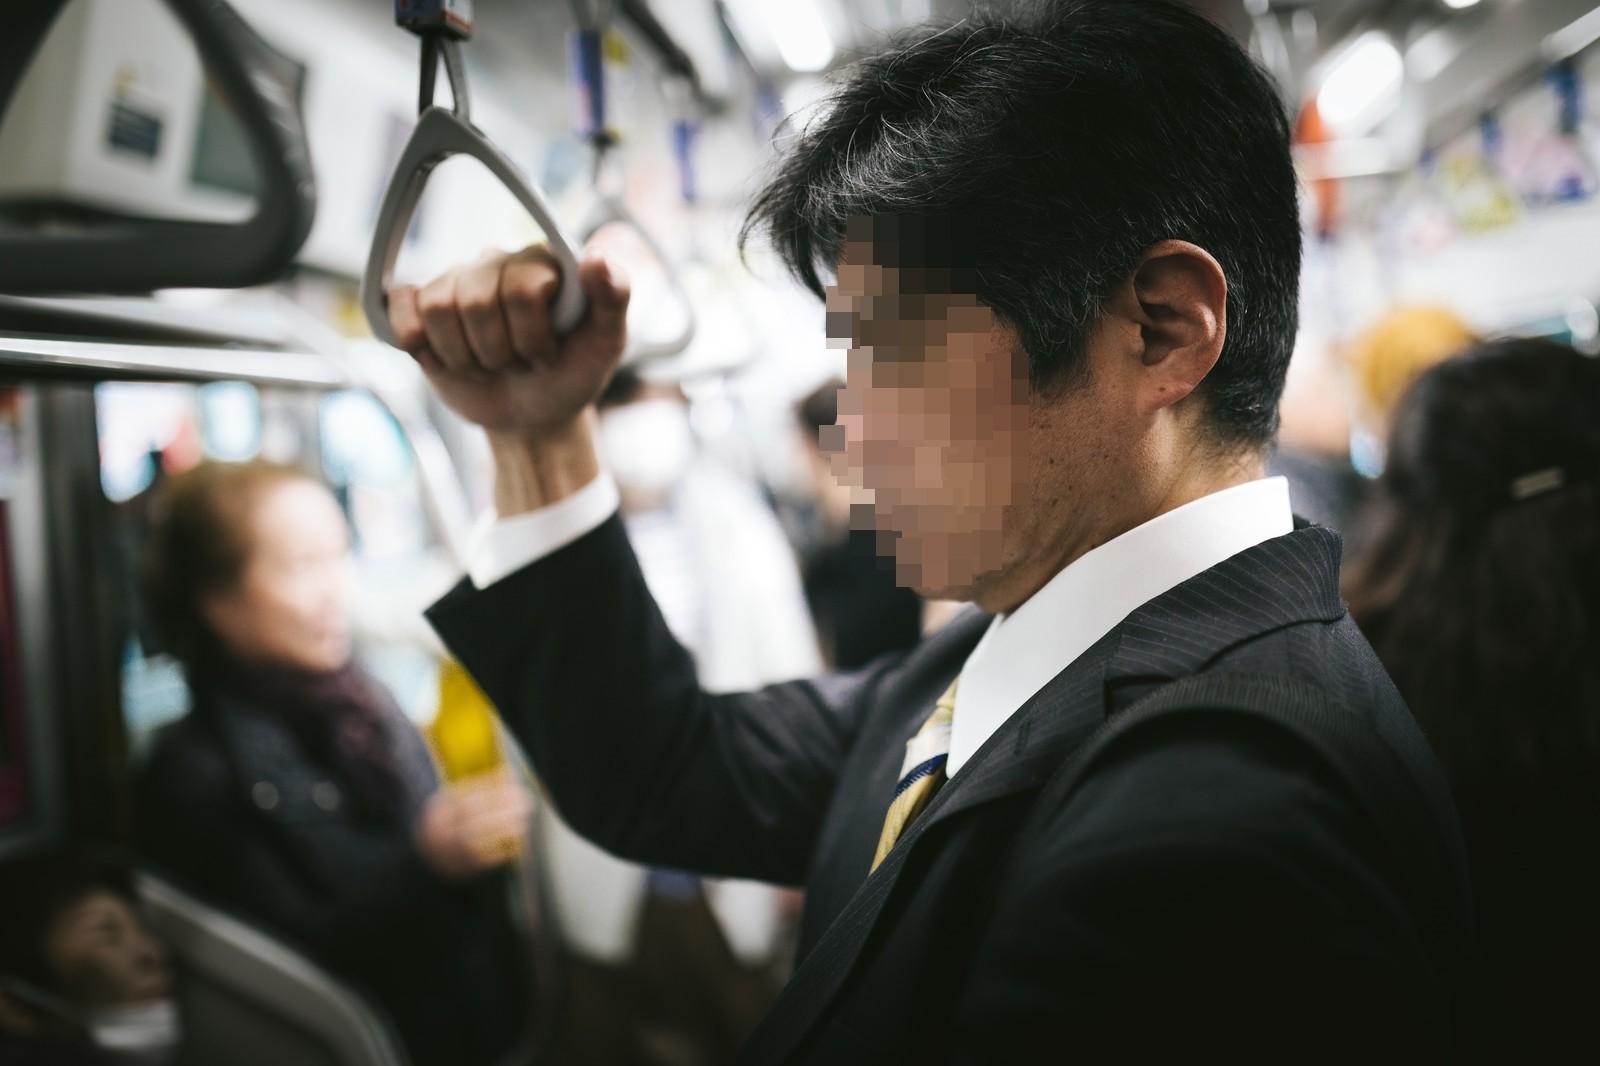 ▲▼男子被控用性器頂撞女乘客臀部(示意圖,非當事人/取自Pakutaso)